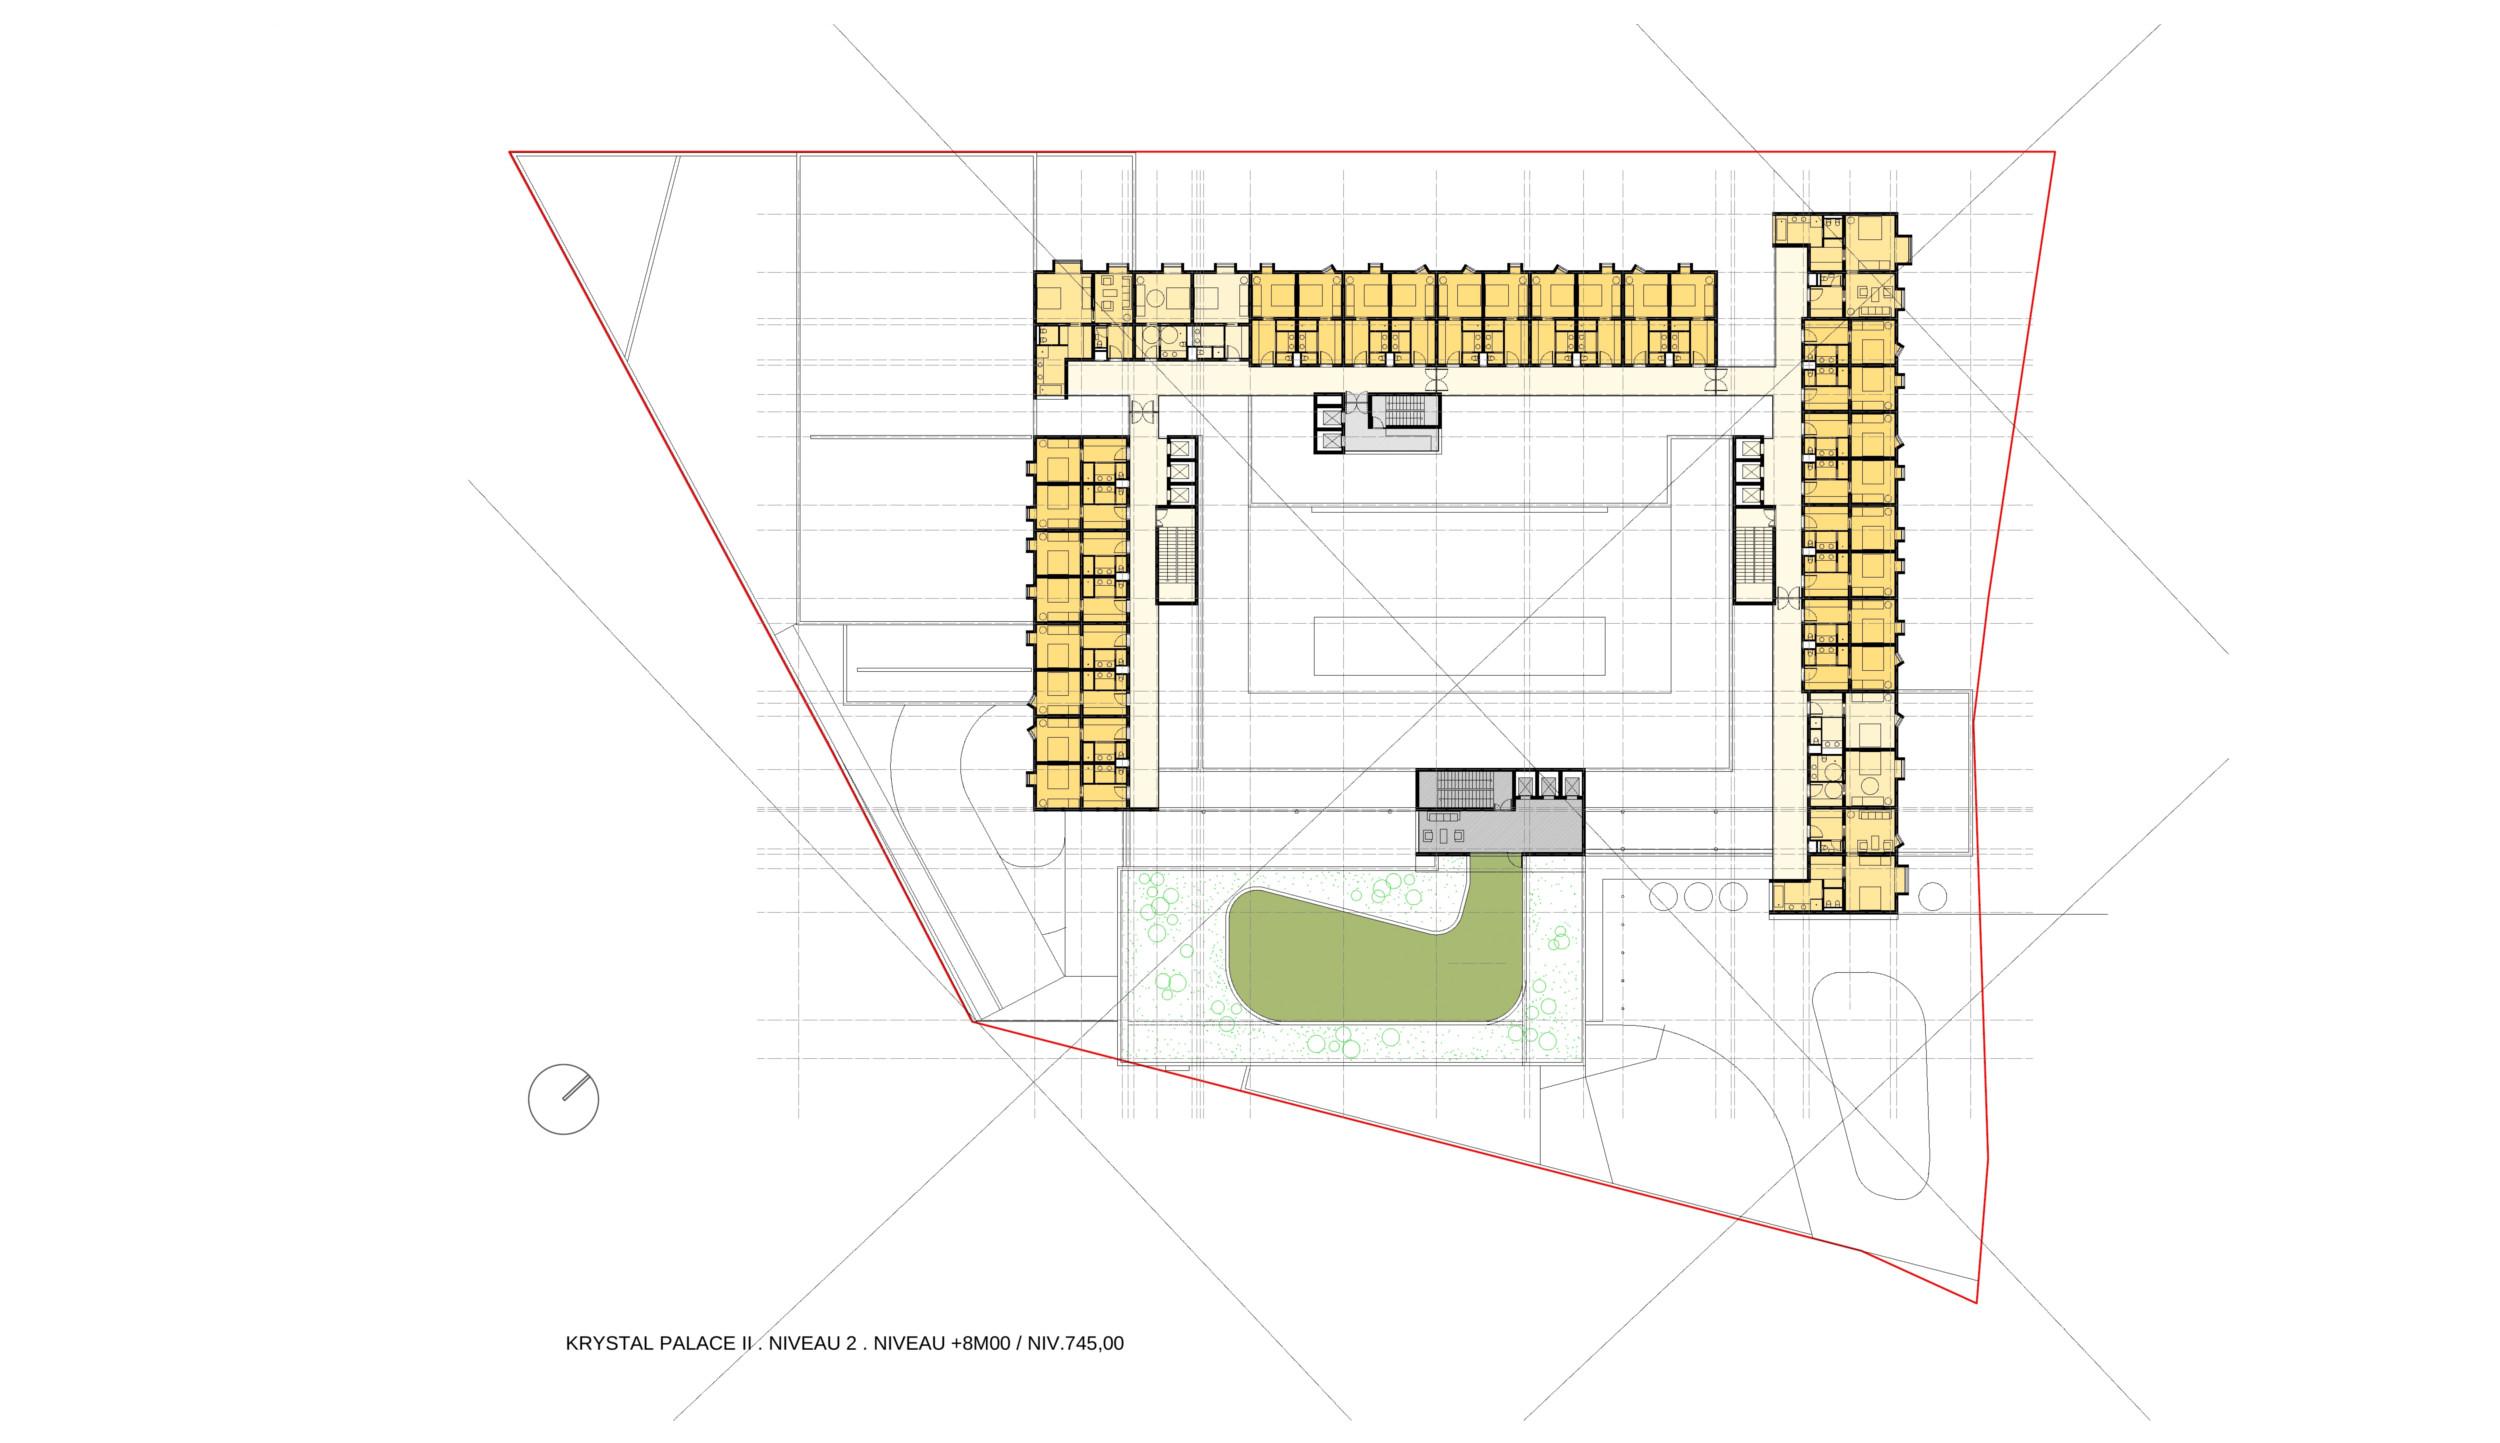 KRYSTAL PALACE-plan-14-n2